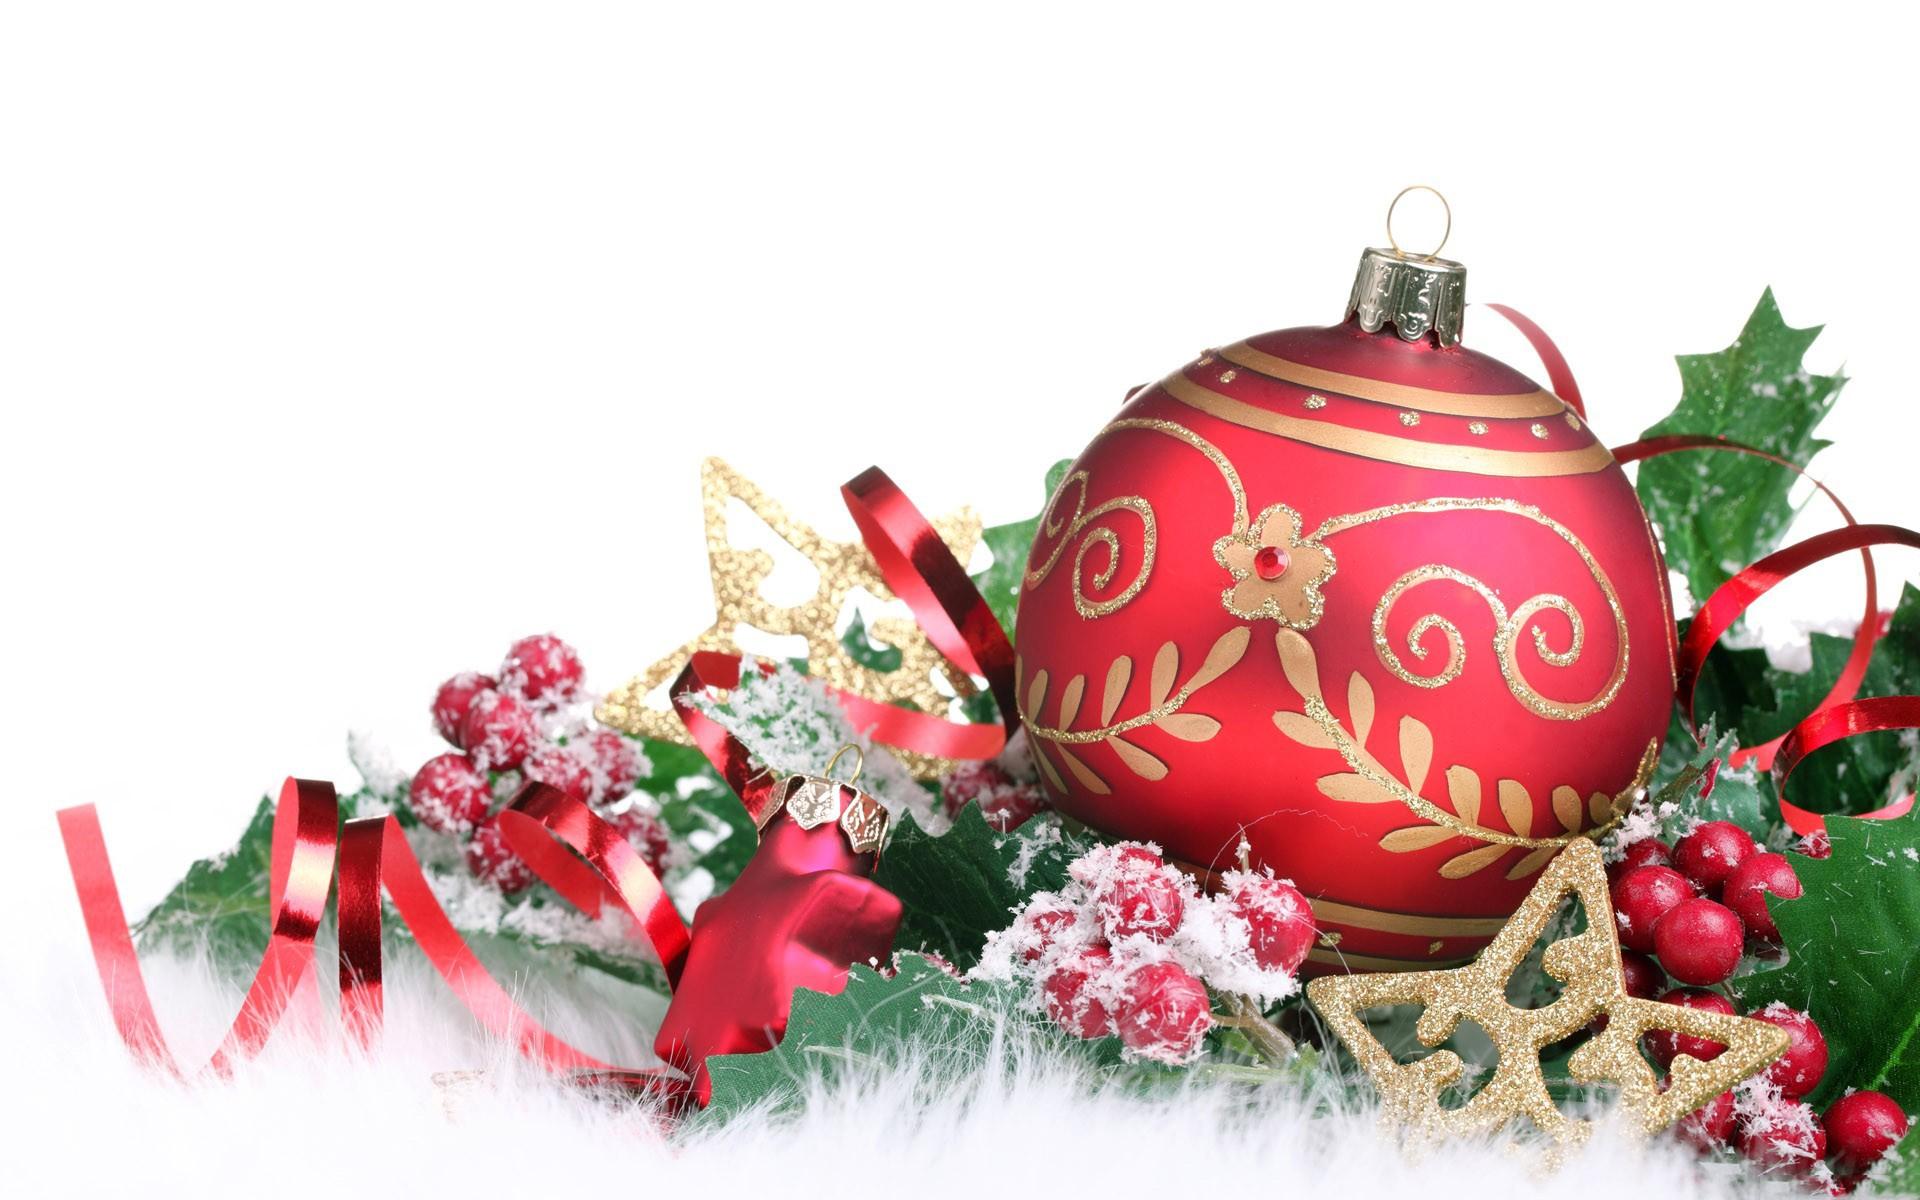 Adornos para árbol de Navidad - 1920x1200